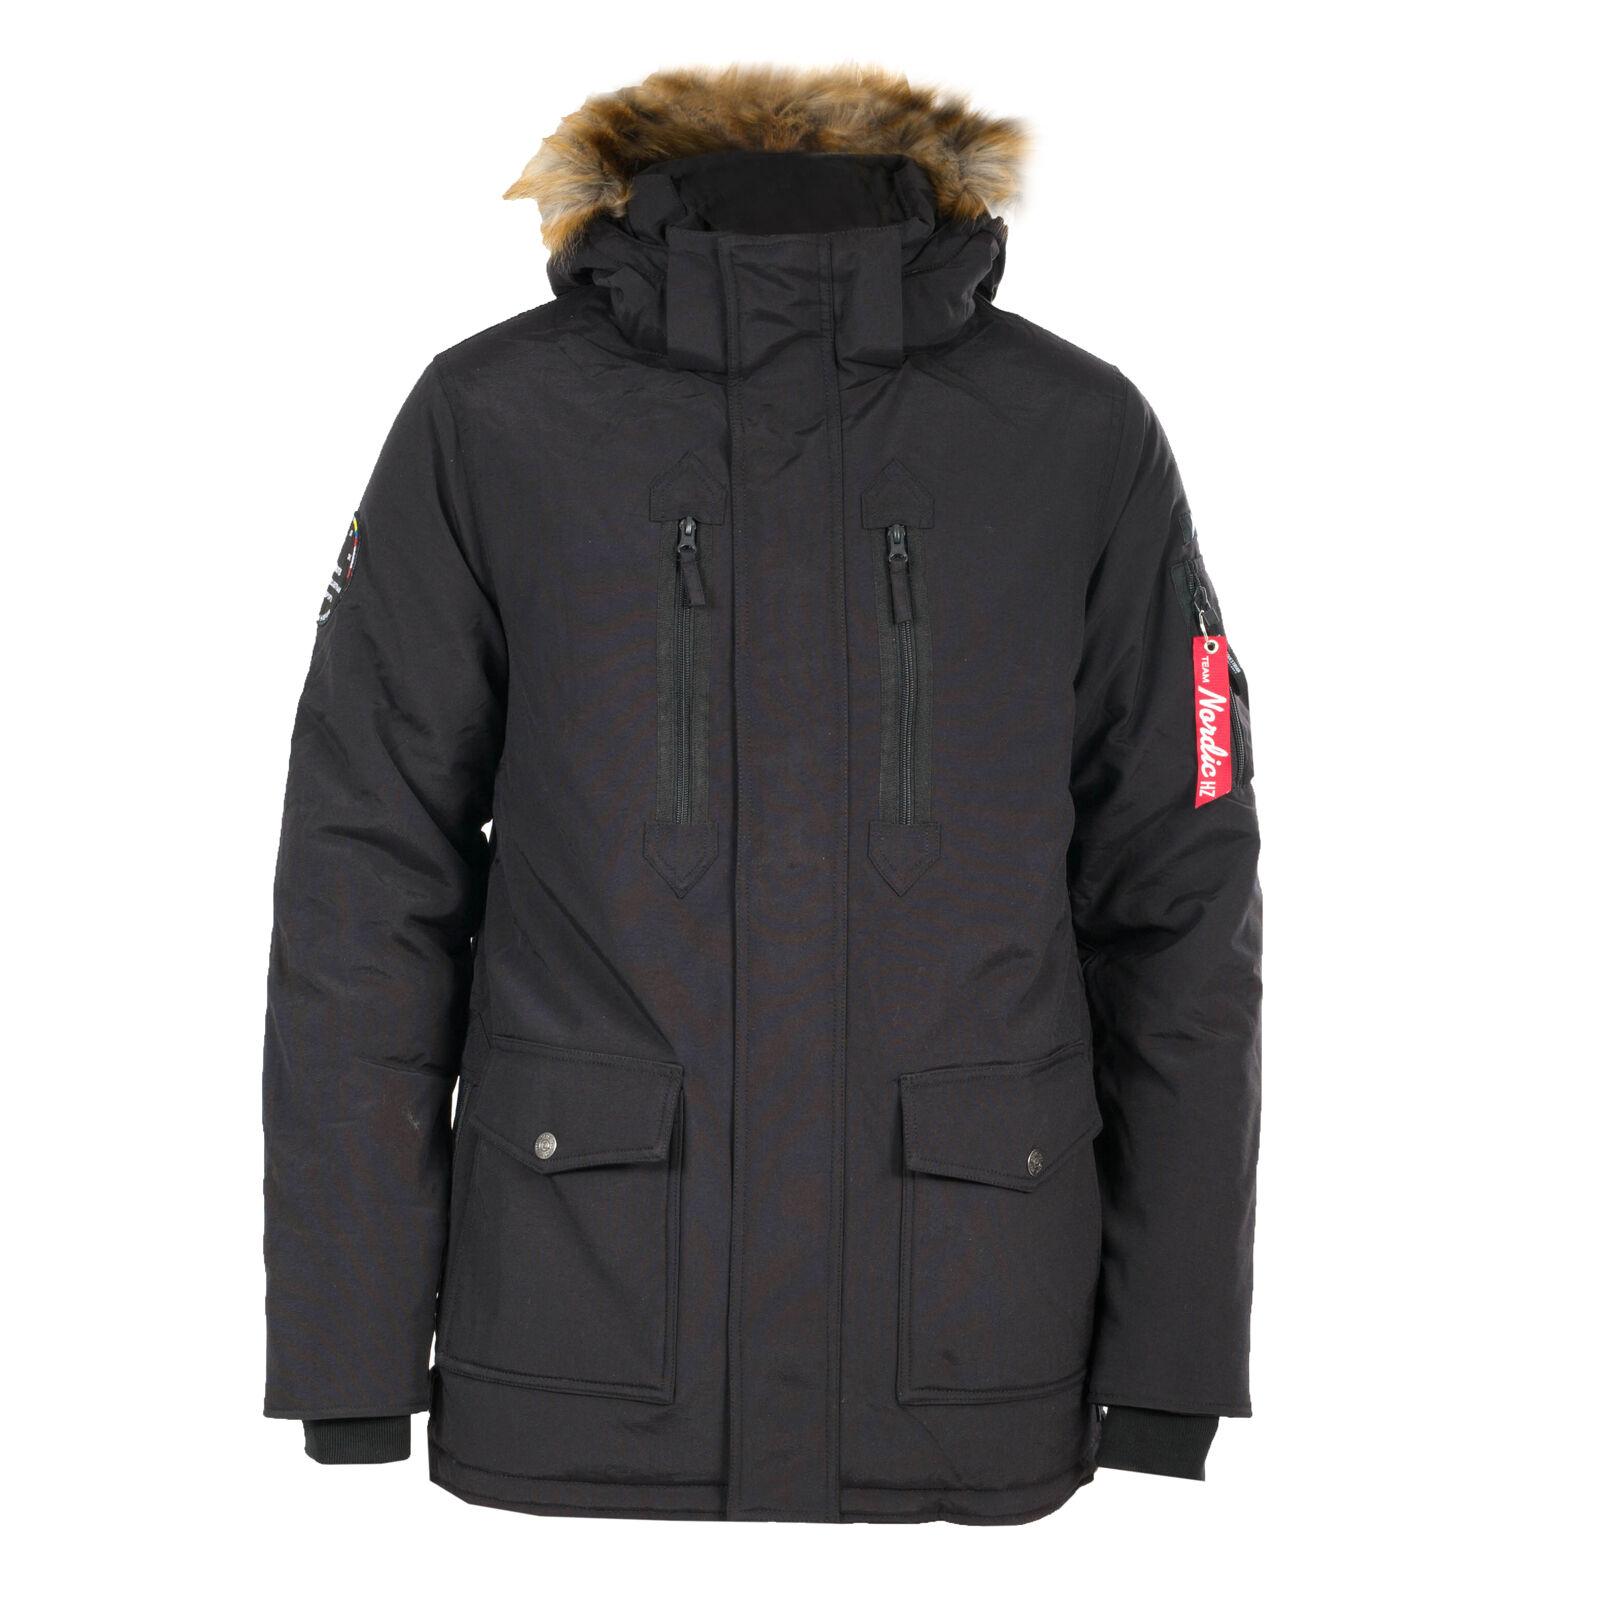 Ski- & Snowboard-Jacken Winterjacke Nordic lange Jacke für Herren abnehmbare Kapuze mit Reißverschluss Skisport & Snowboarding